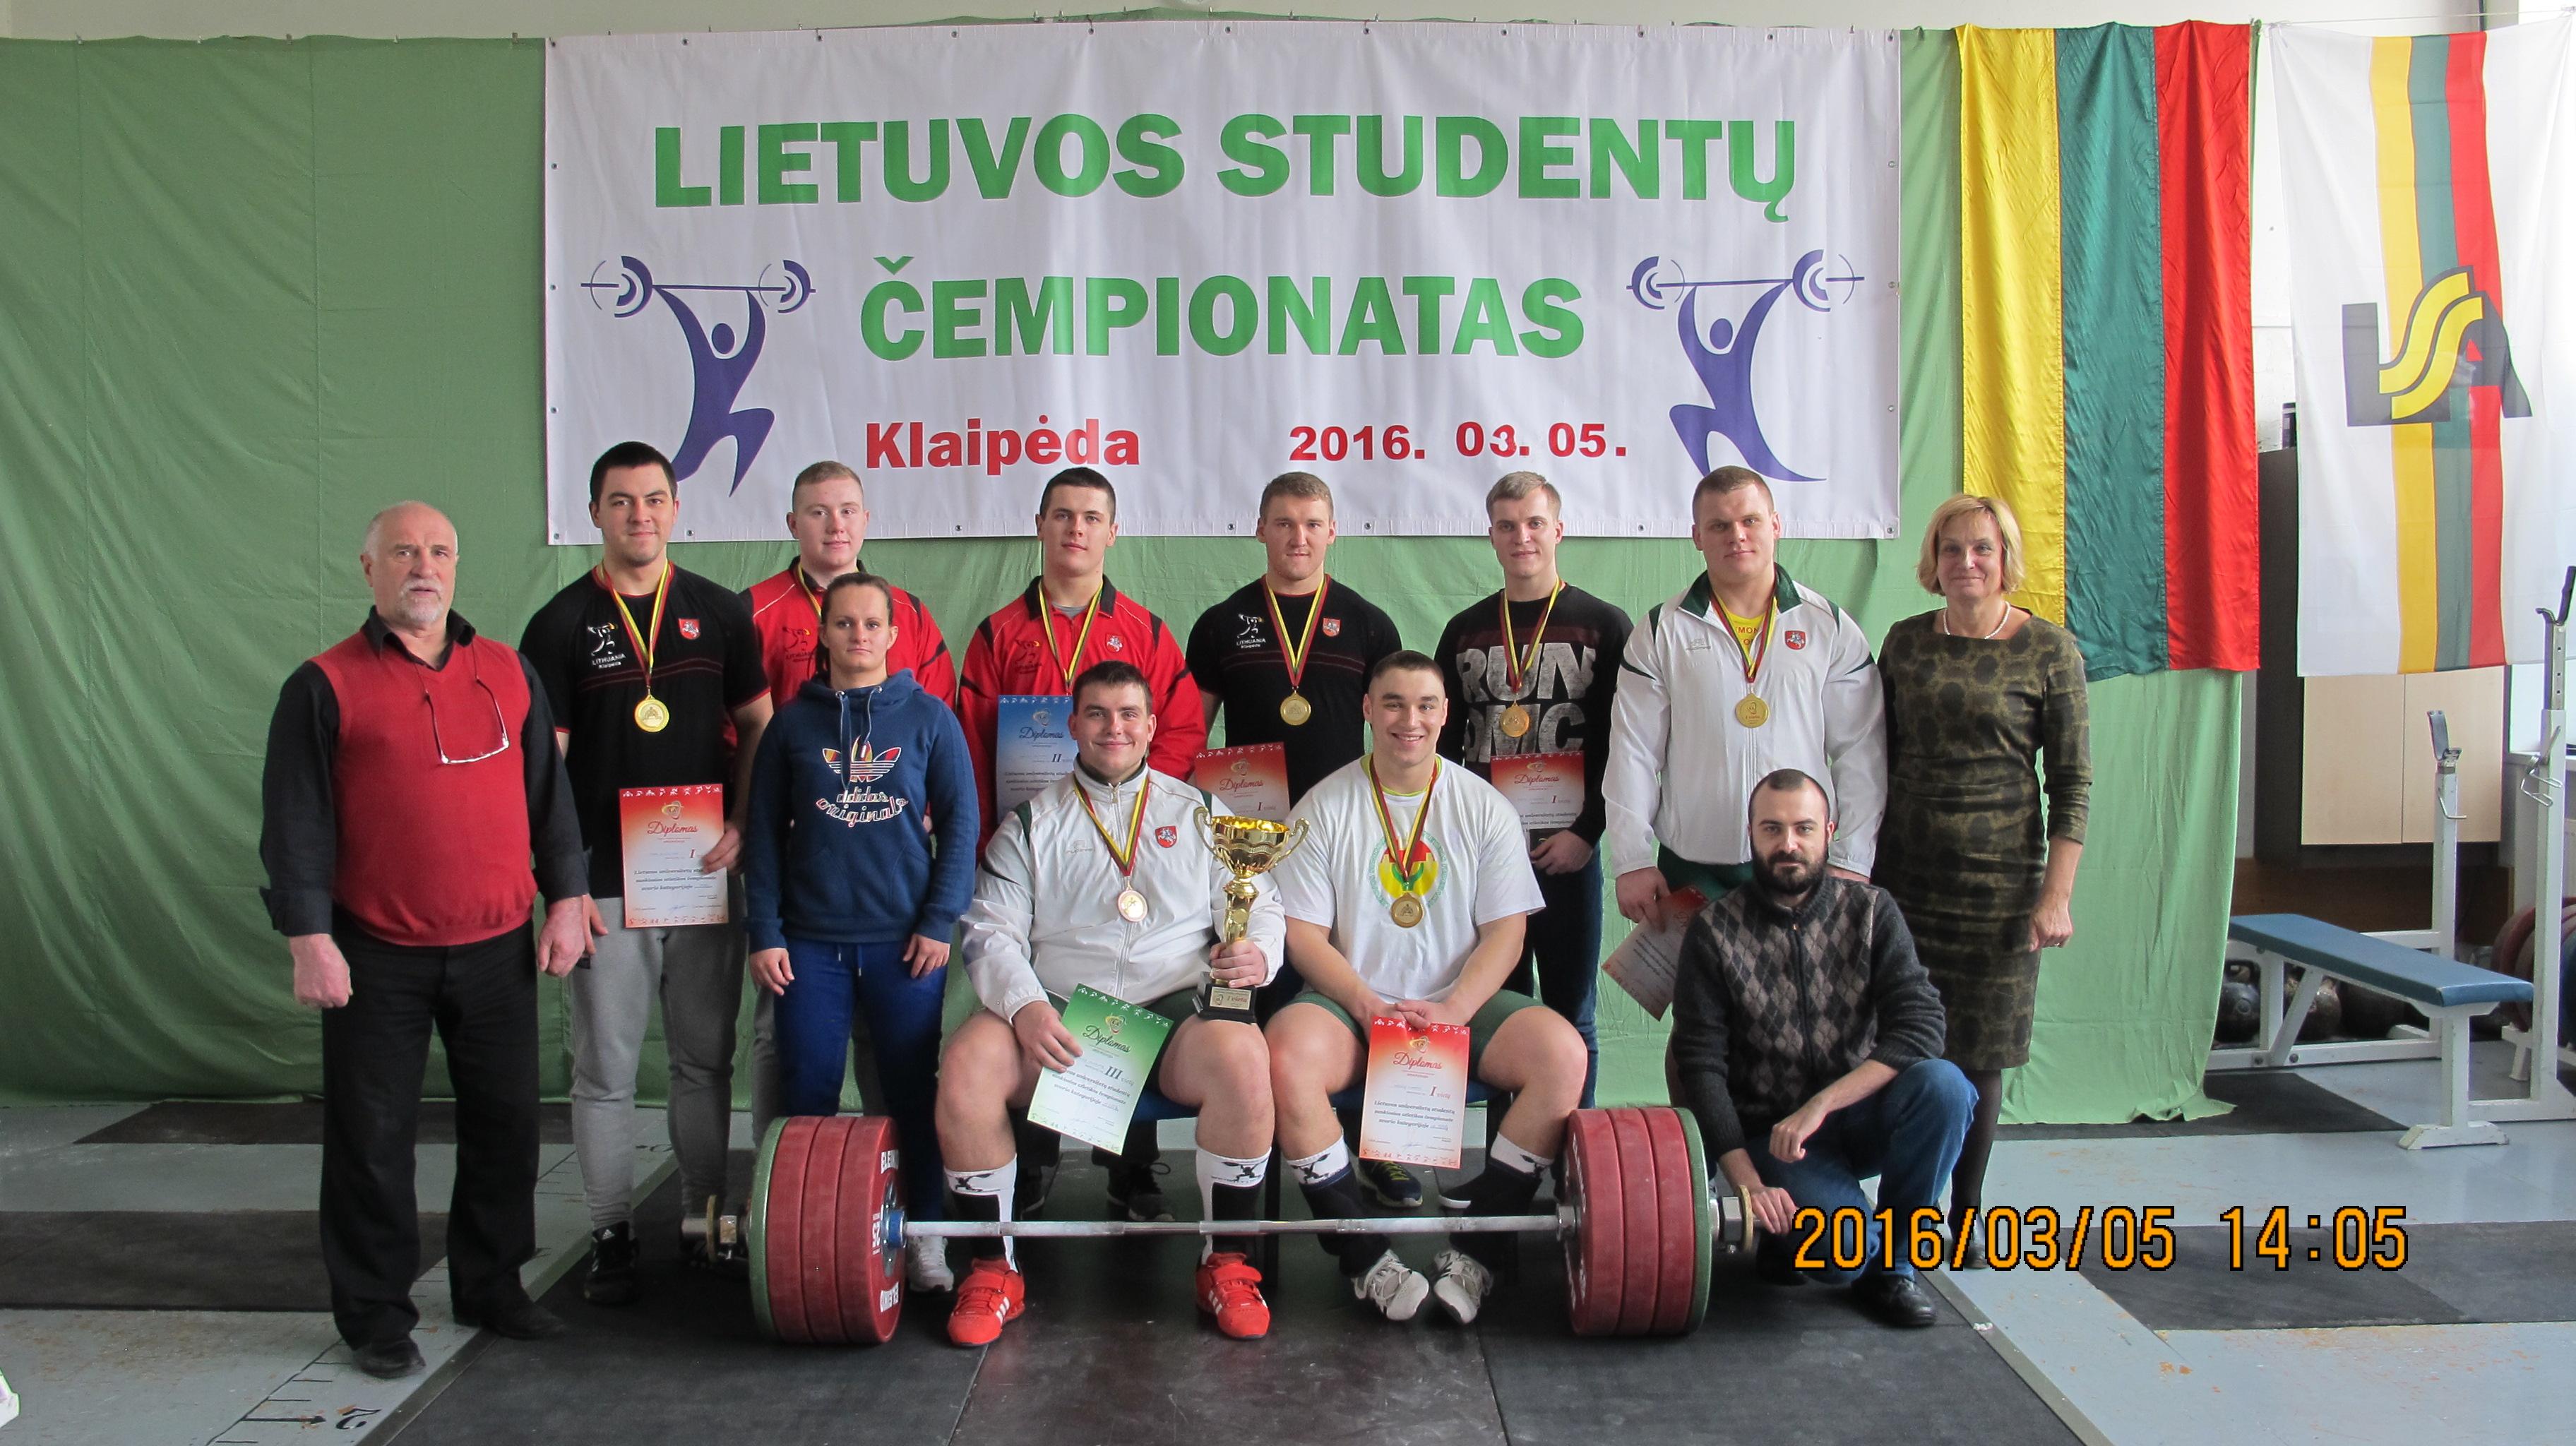 Lietuvos studentų sunkiosios atletikos čempionatas Klaipėdoje